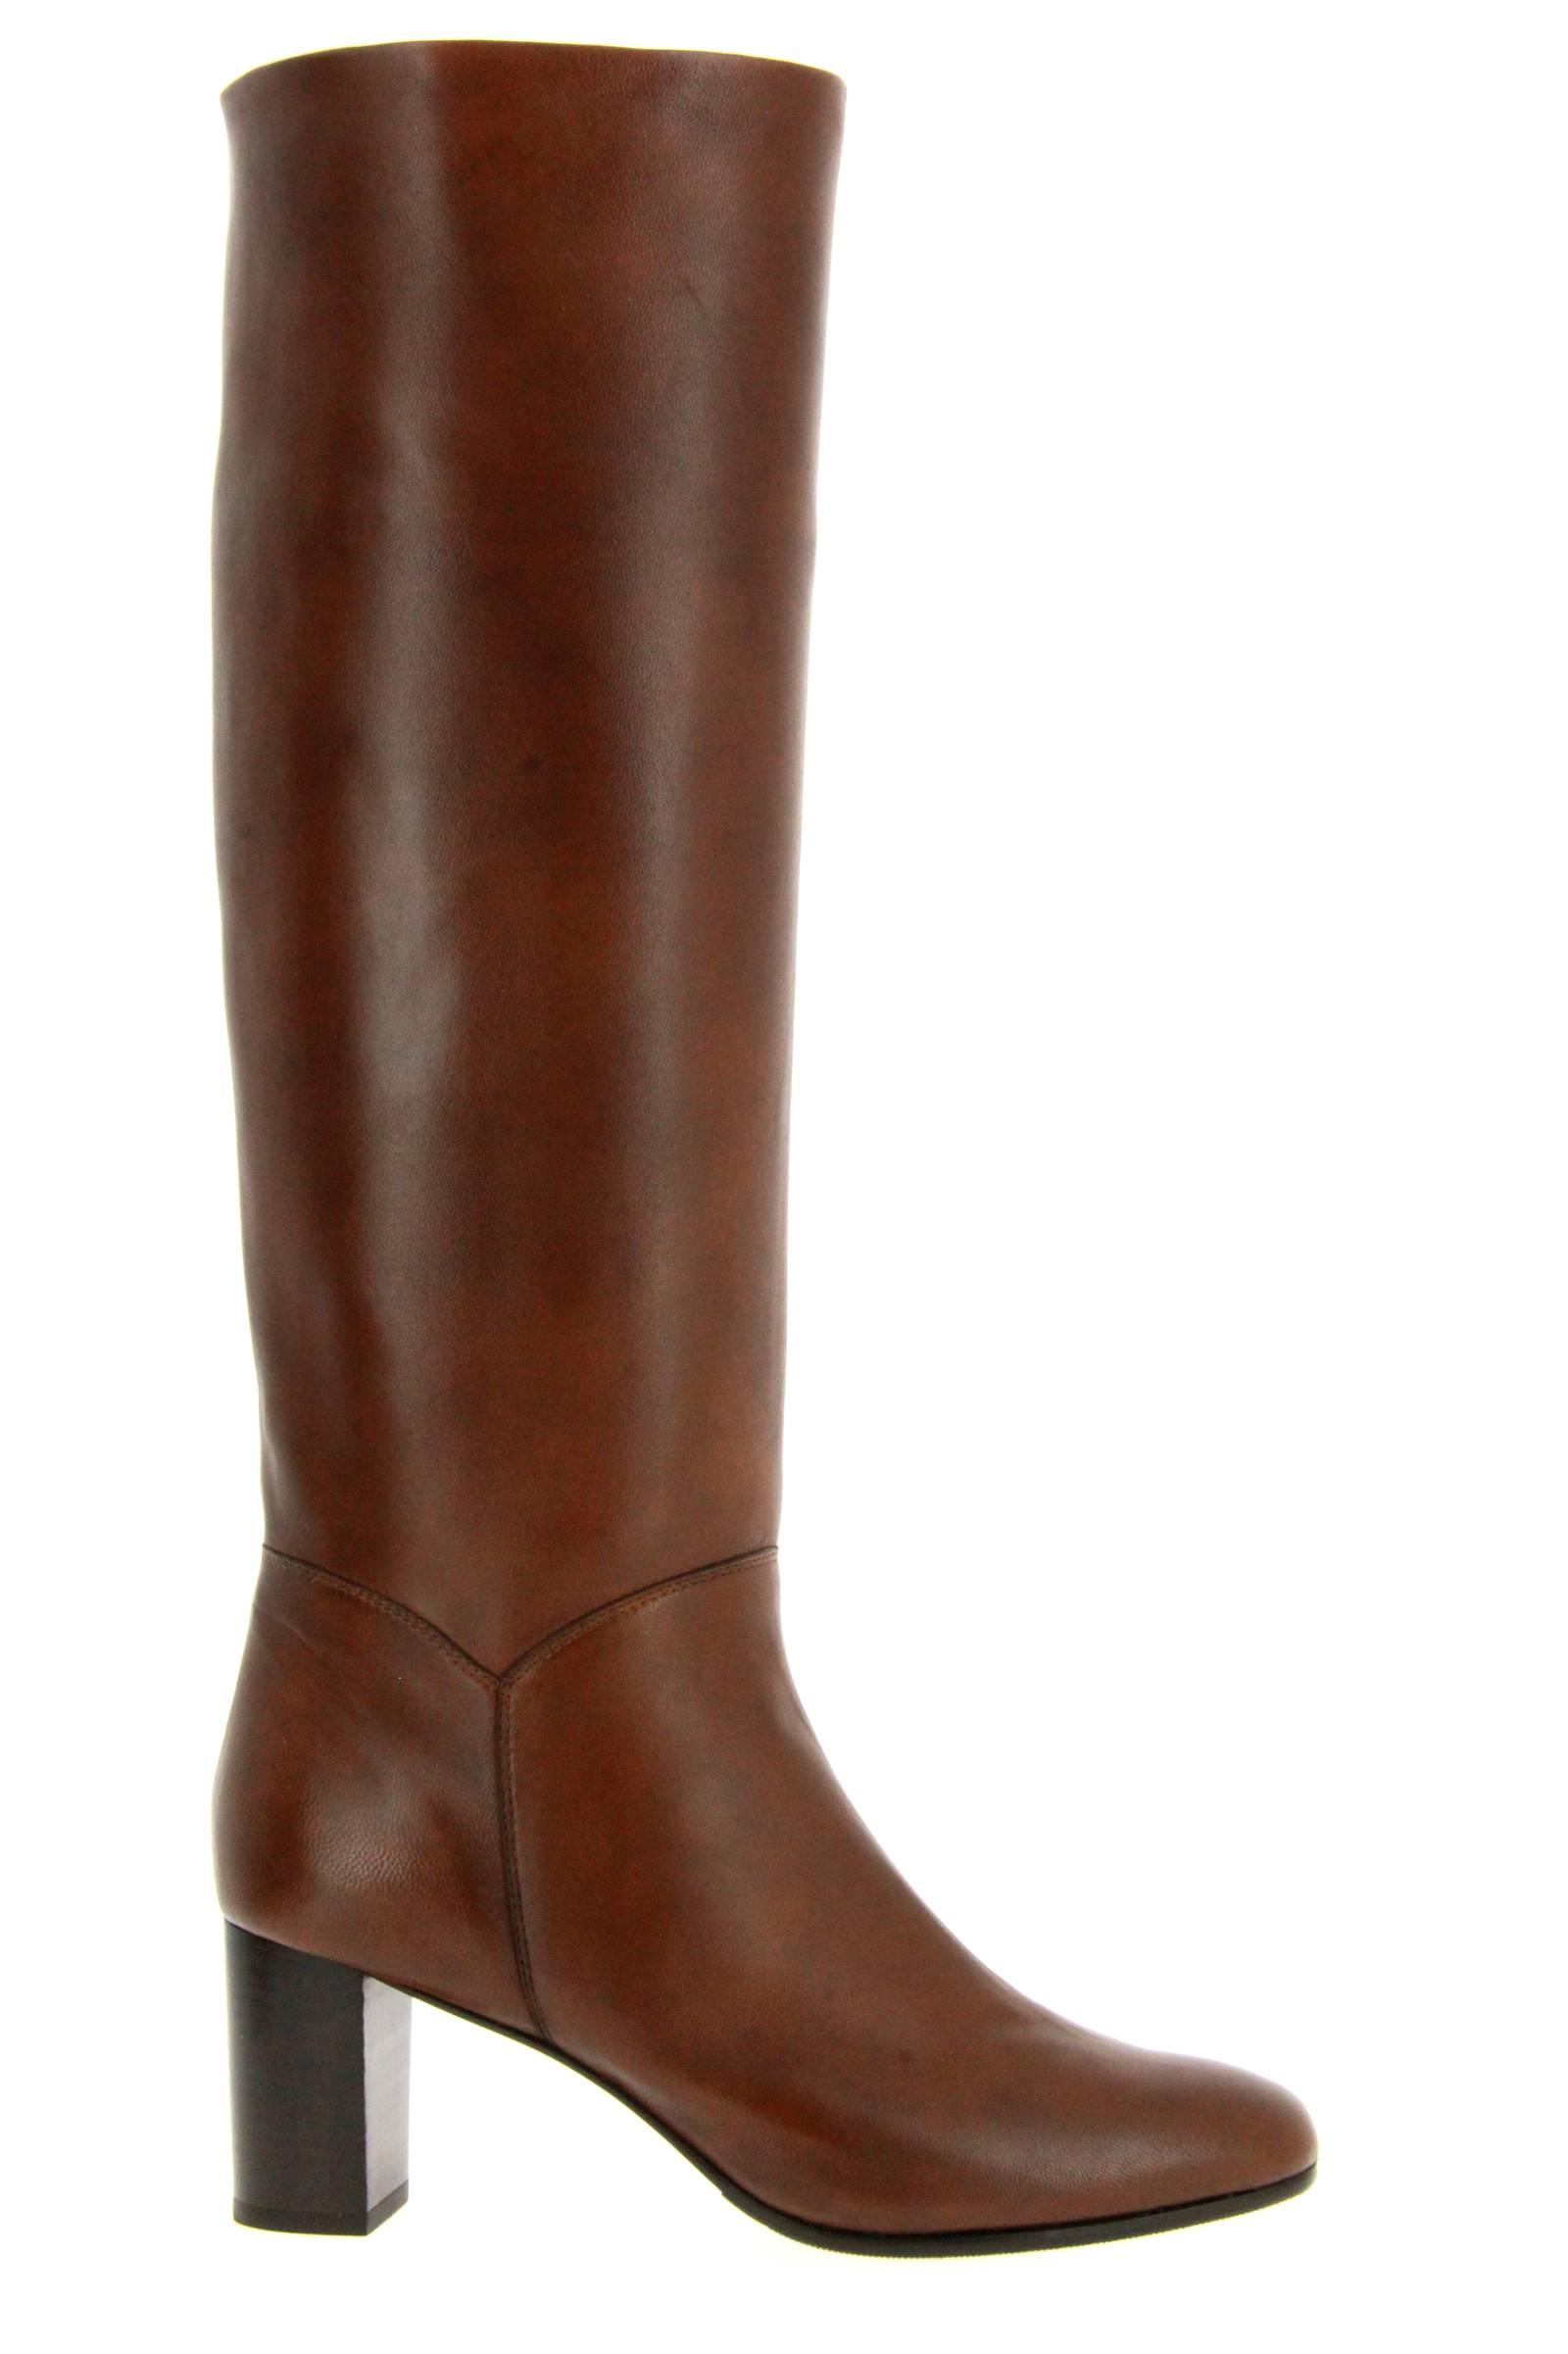 Maretto boots Cuoio